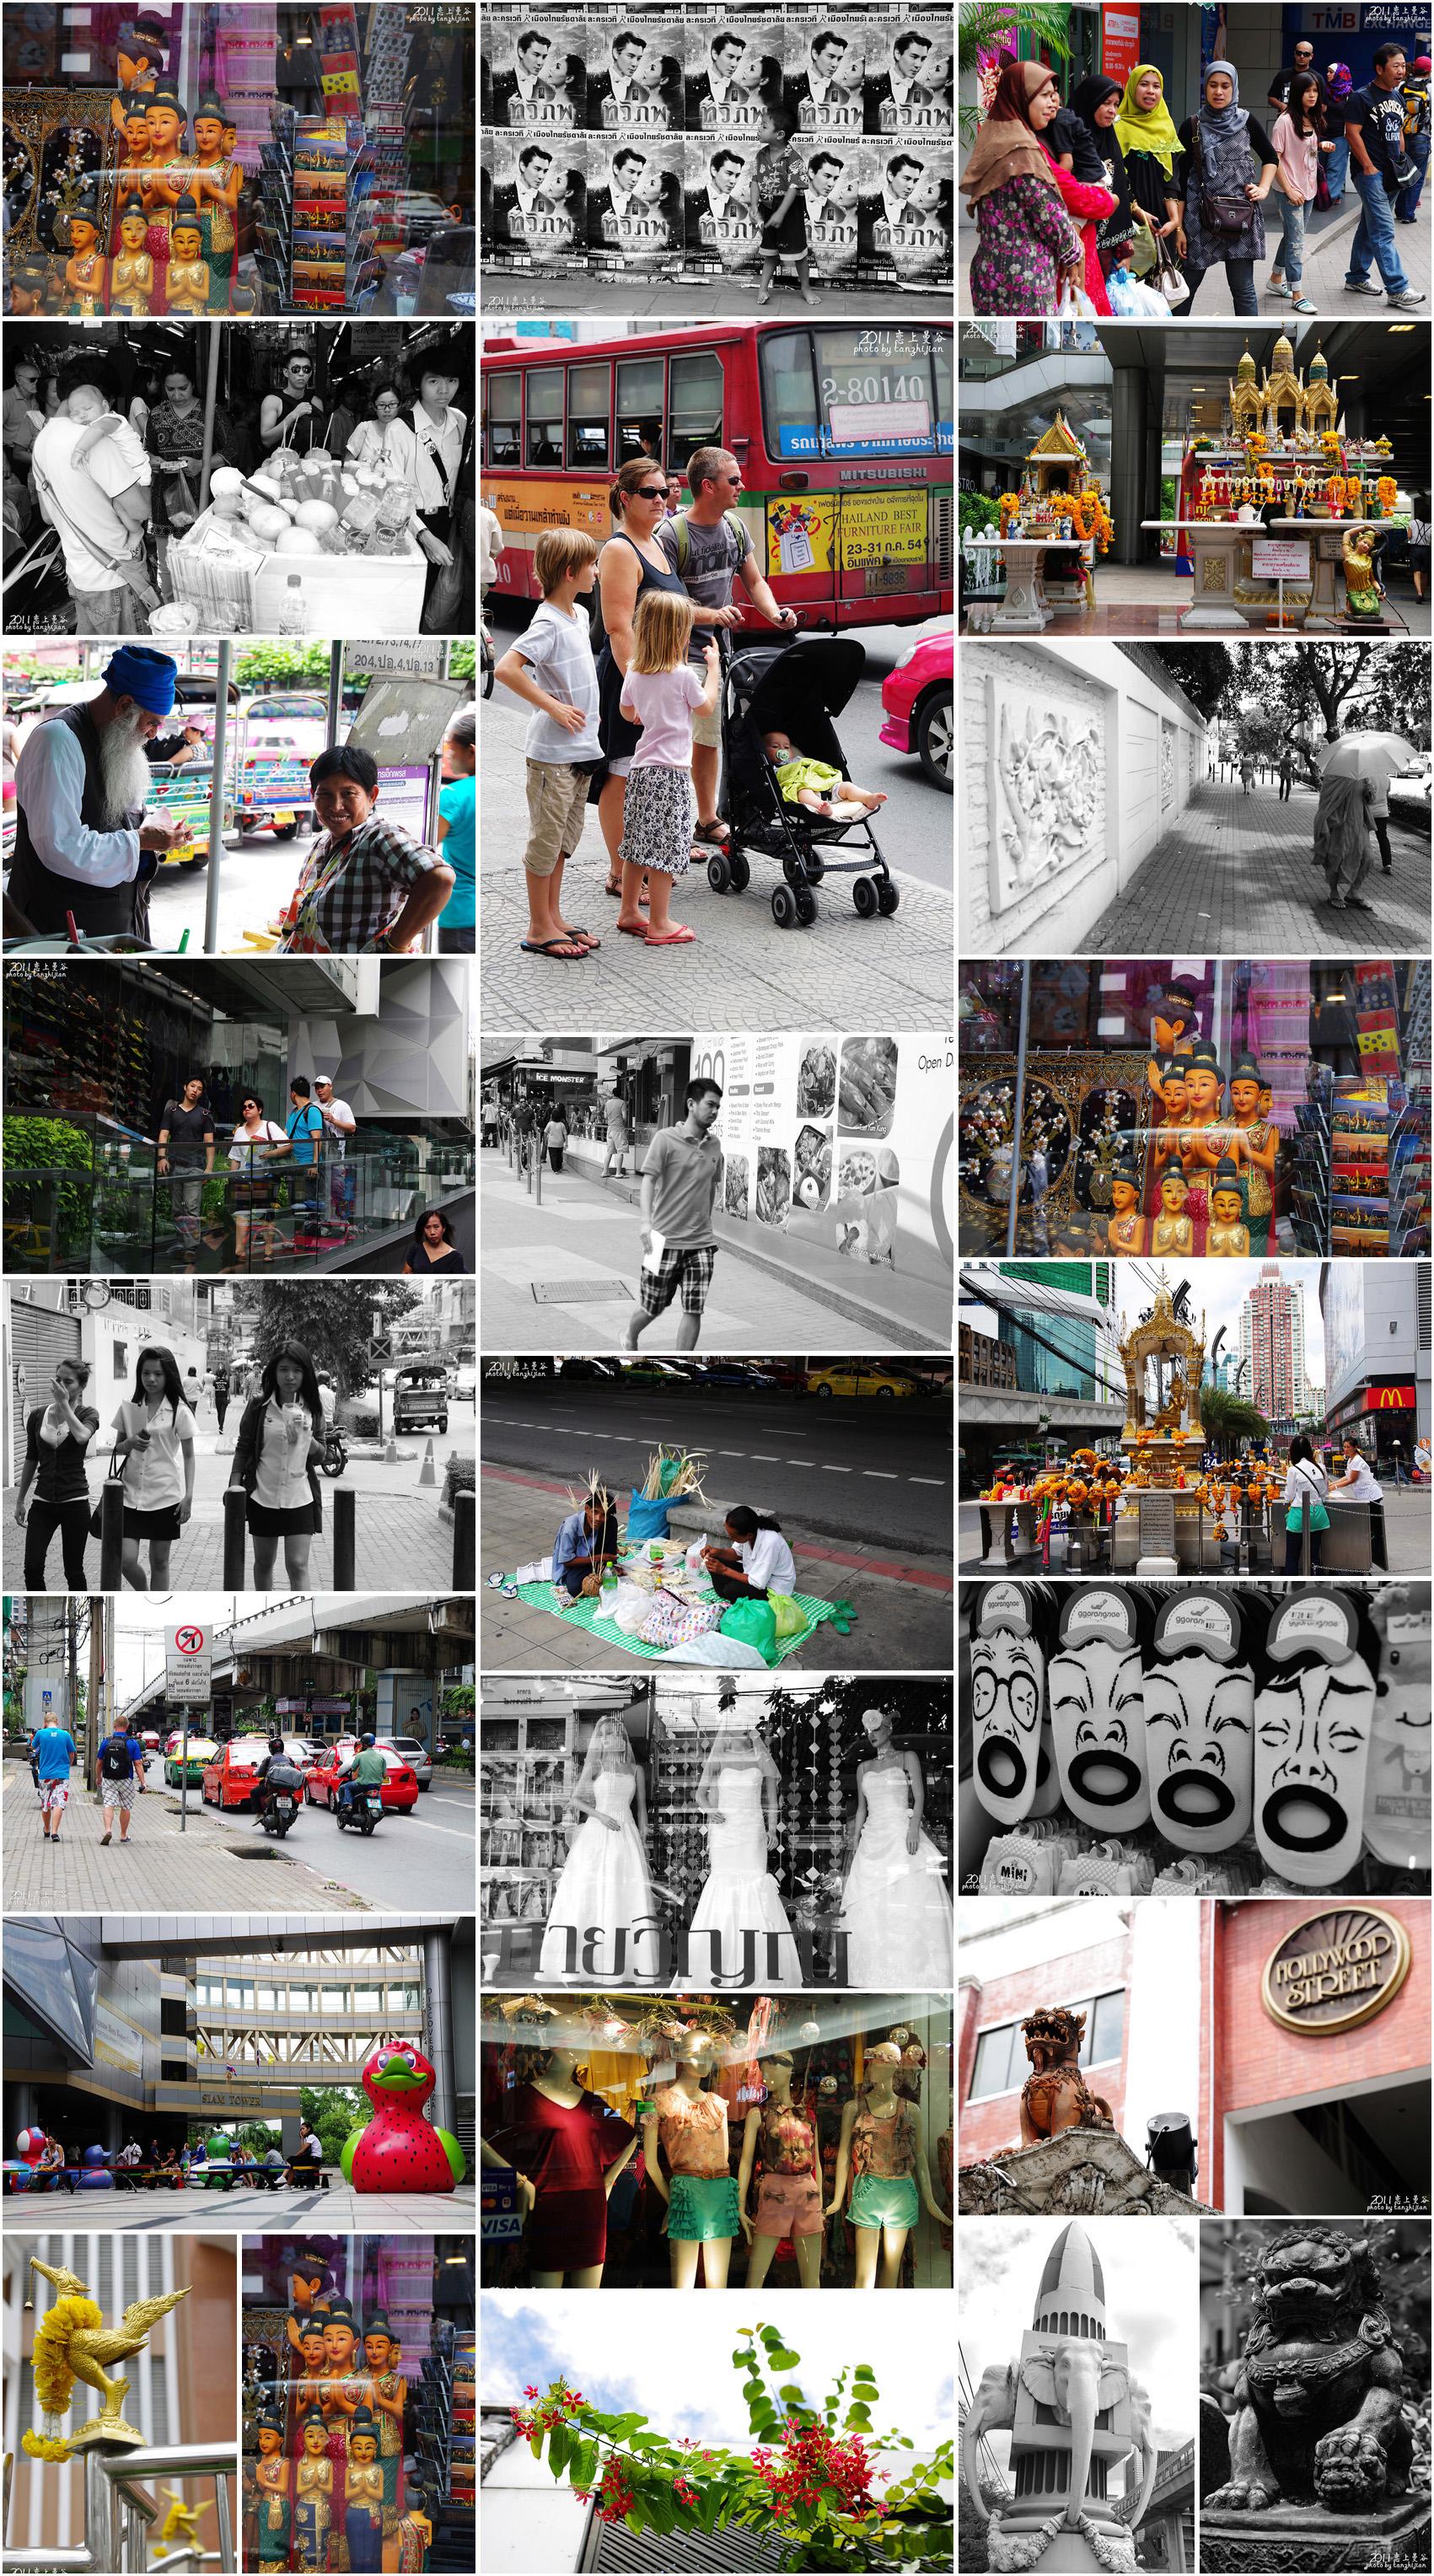 泰国·多姿多彩的曼谷热带惬意时光